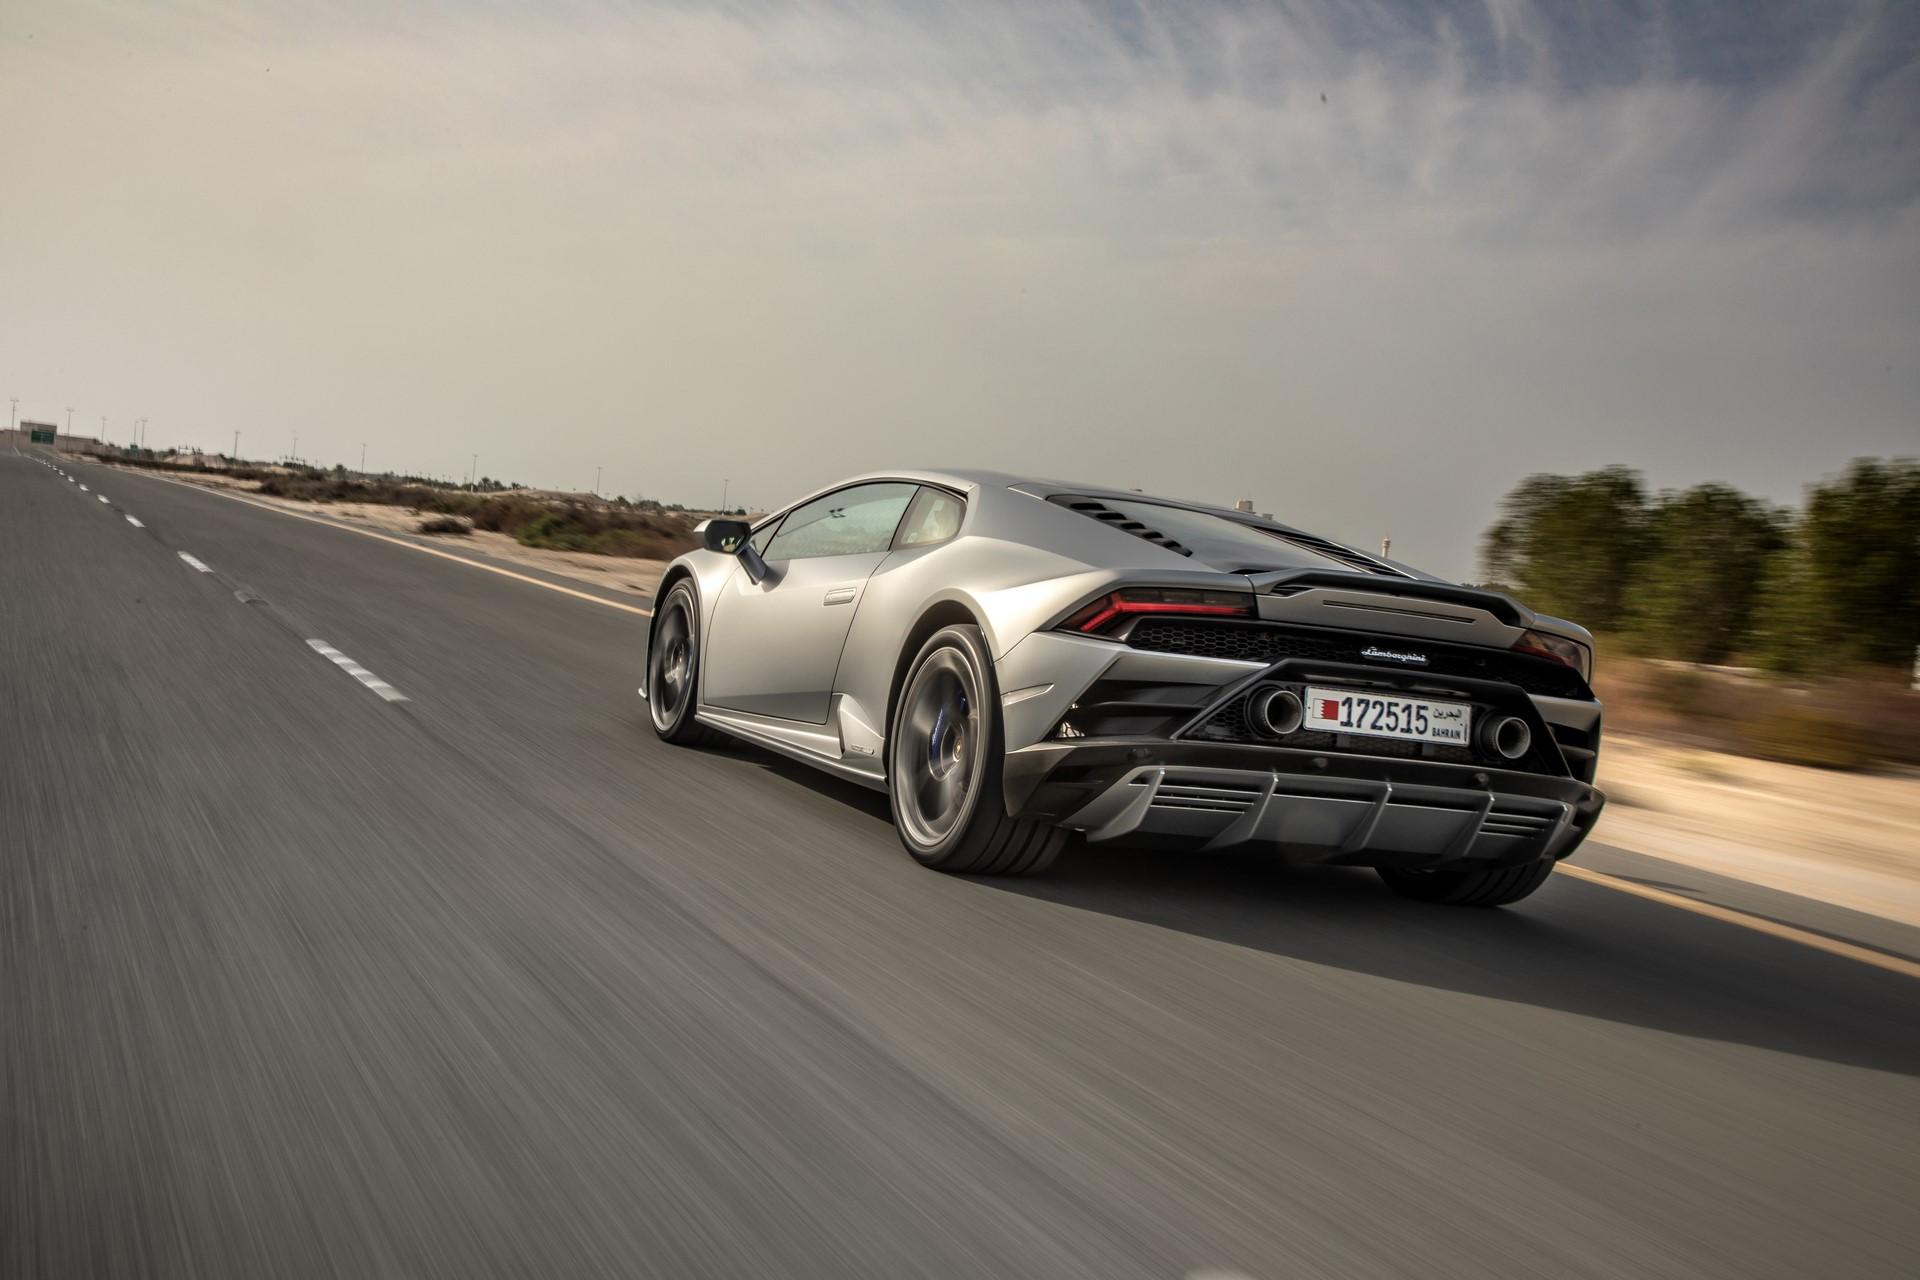 Lamborghini Huracan Evo 2019 (16)